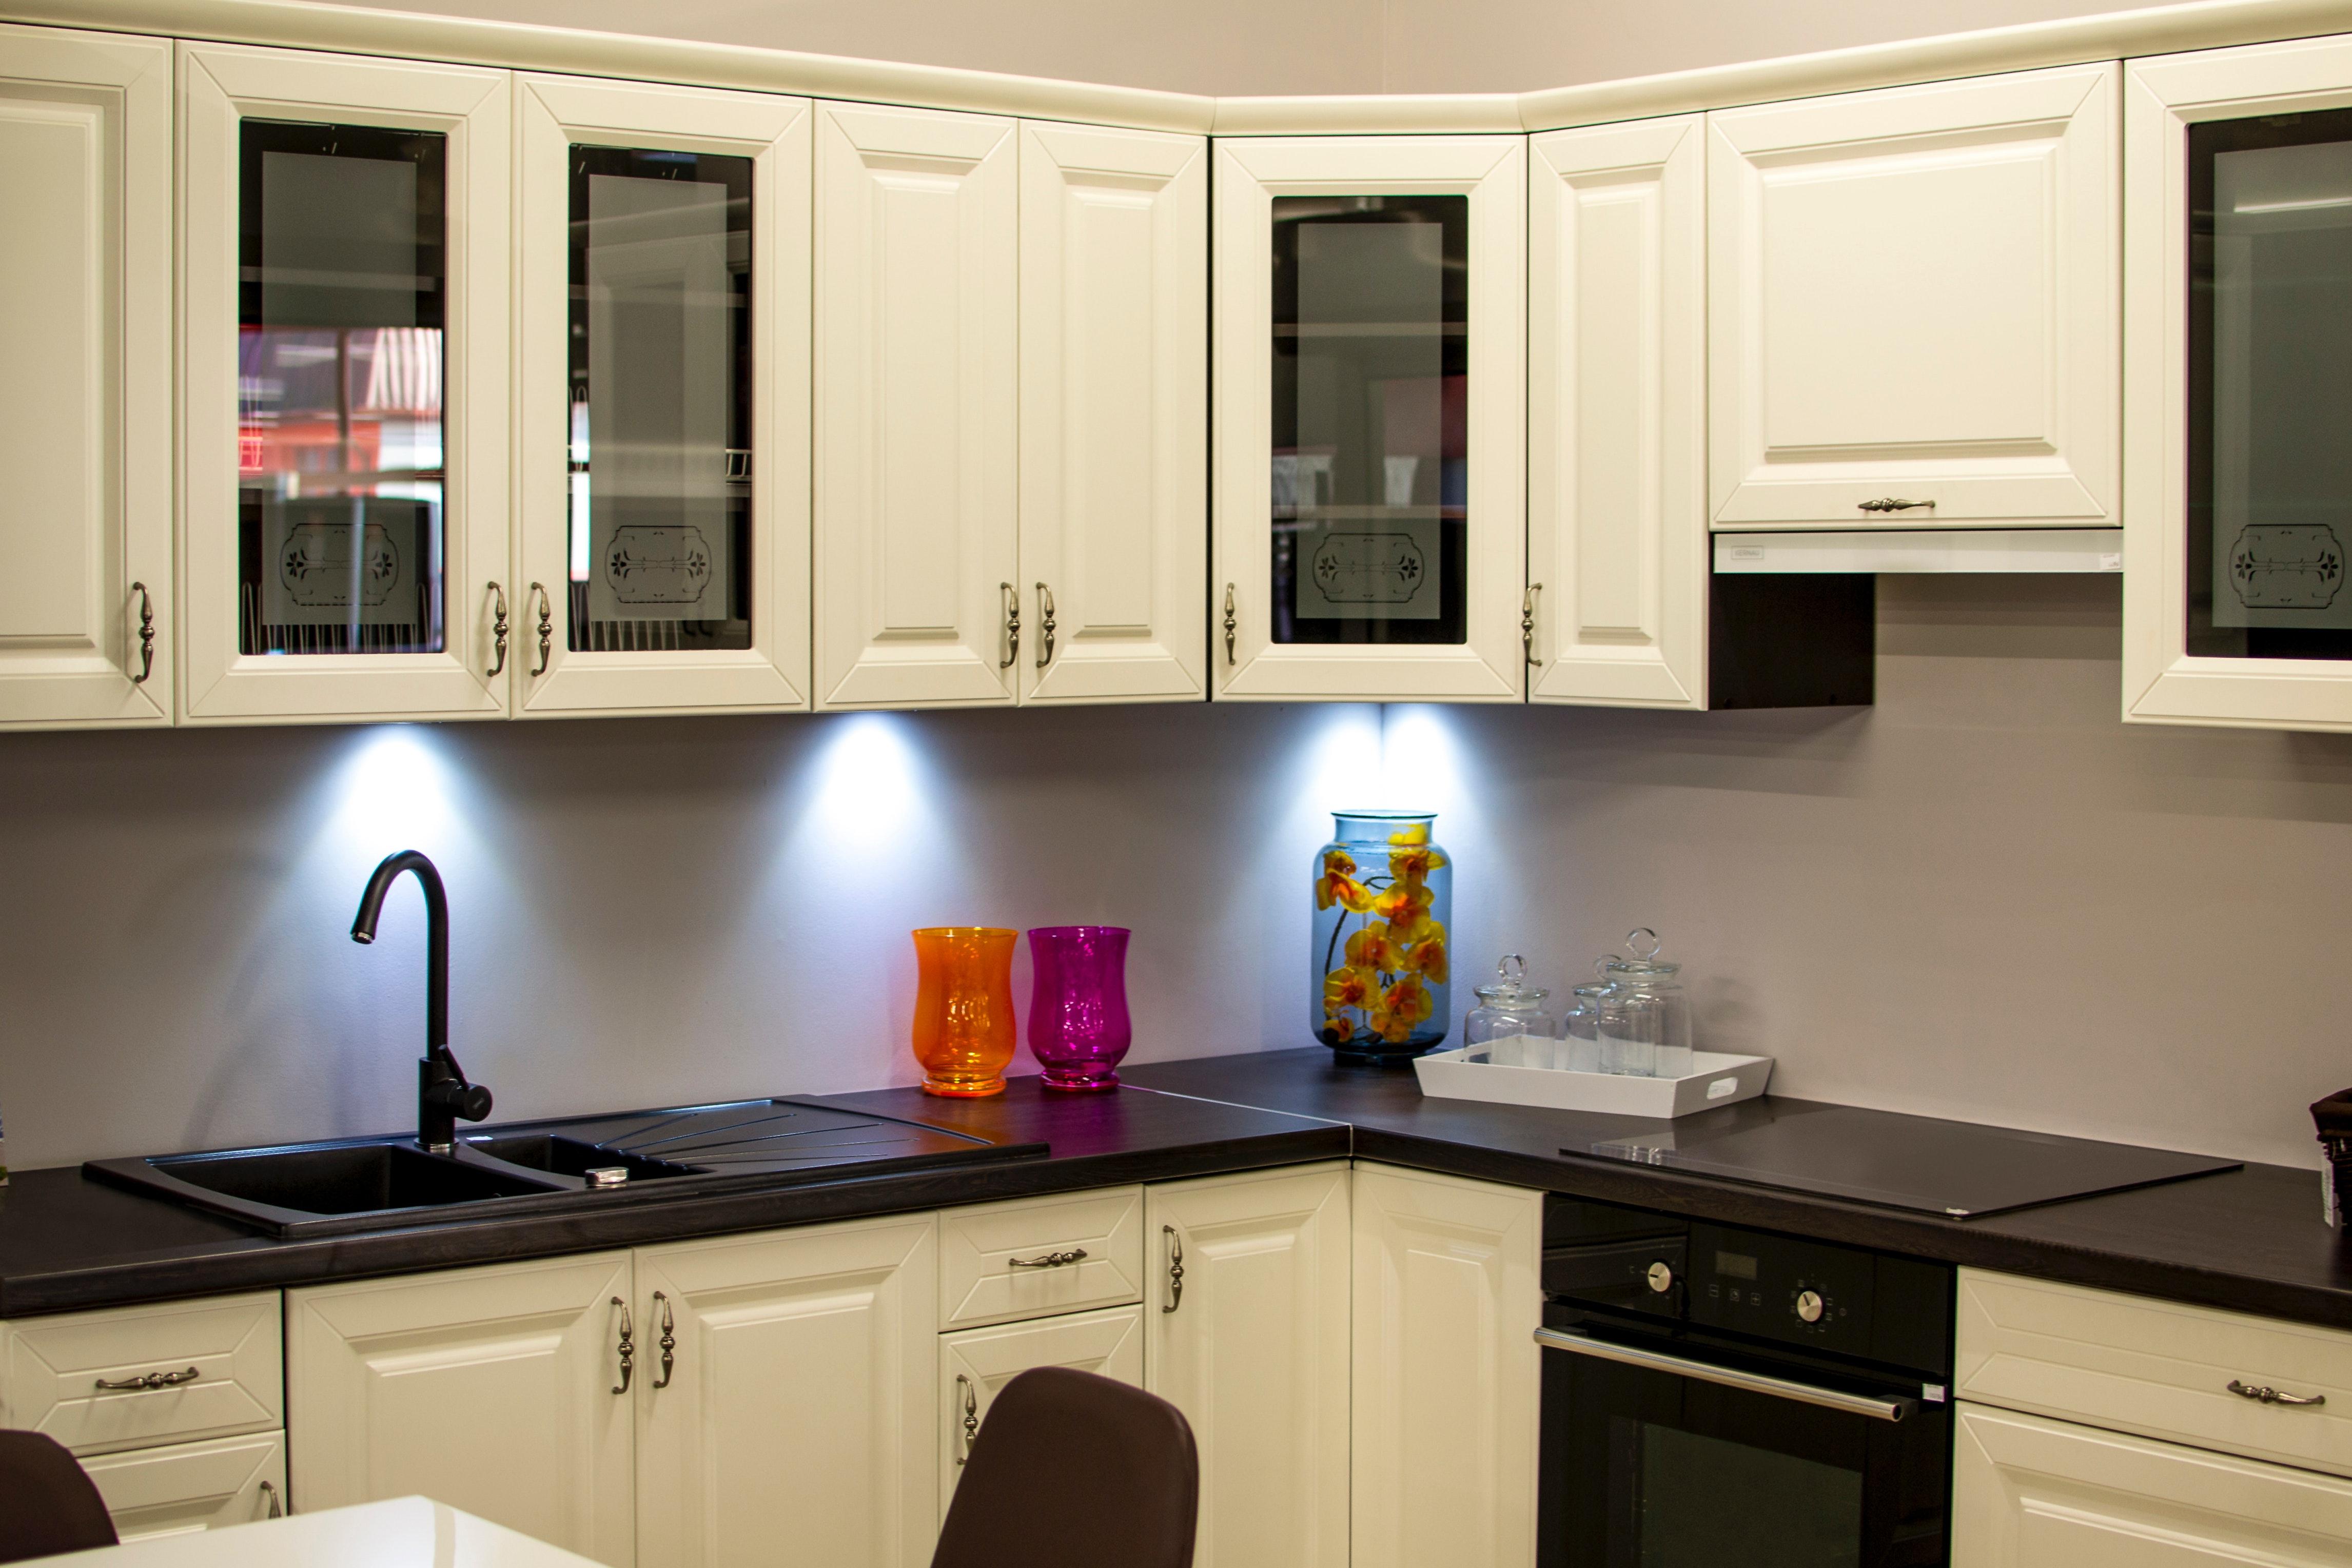 <p>Кухненските шкафове - отвътре и отвън. Може да прегледате запасите си от сухи храни и подправки.</p>